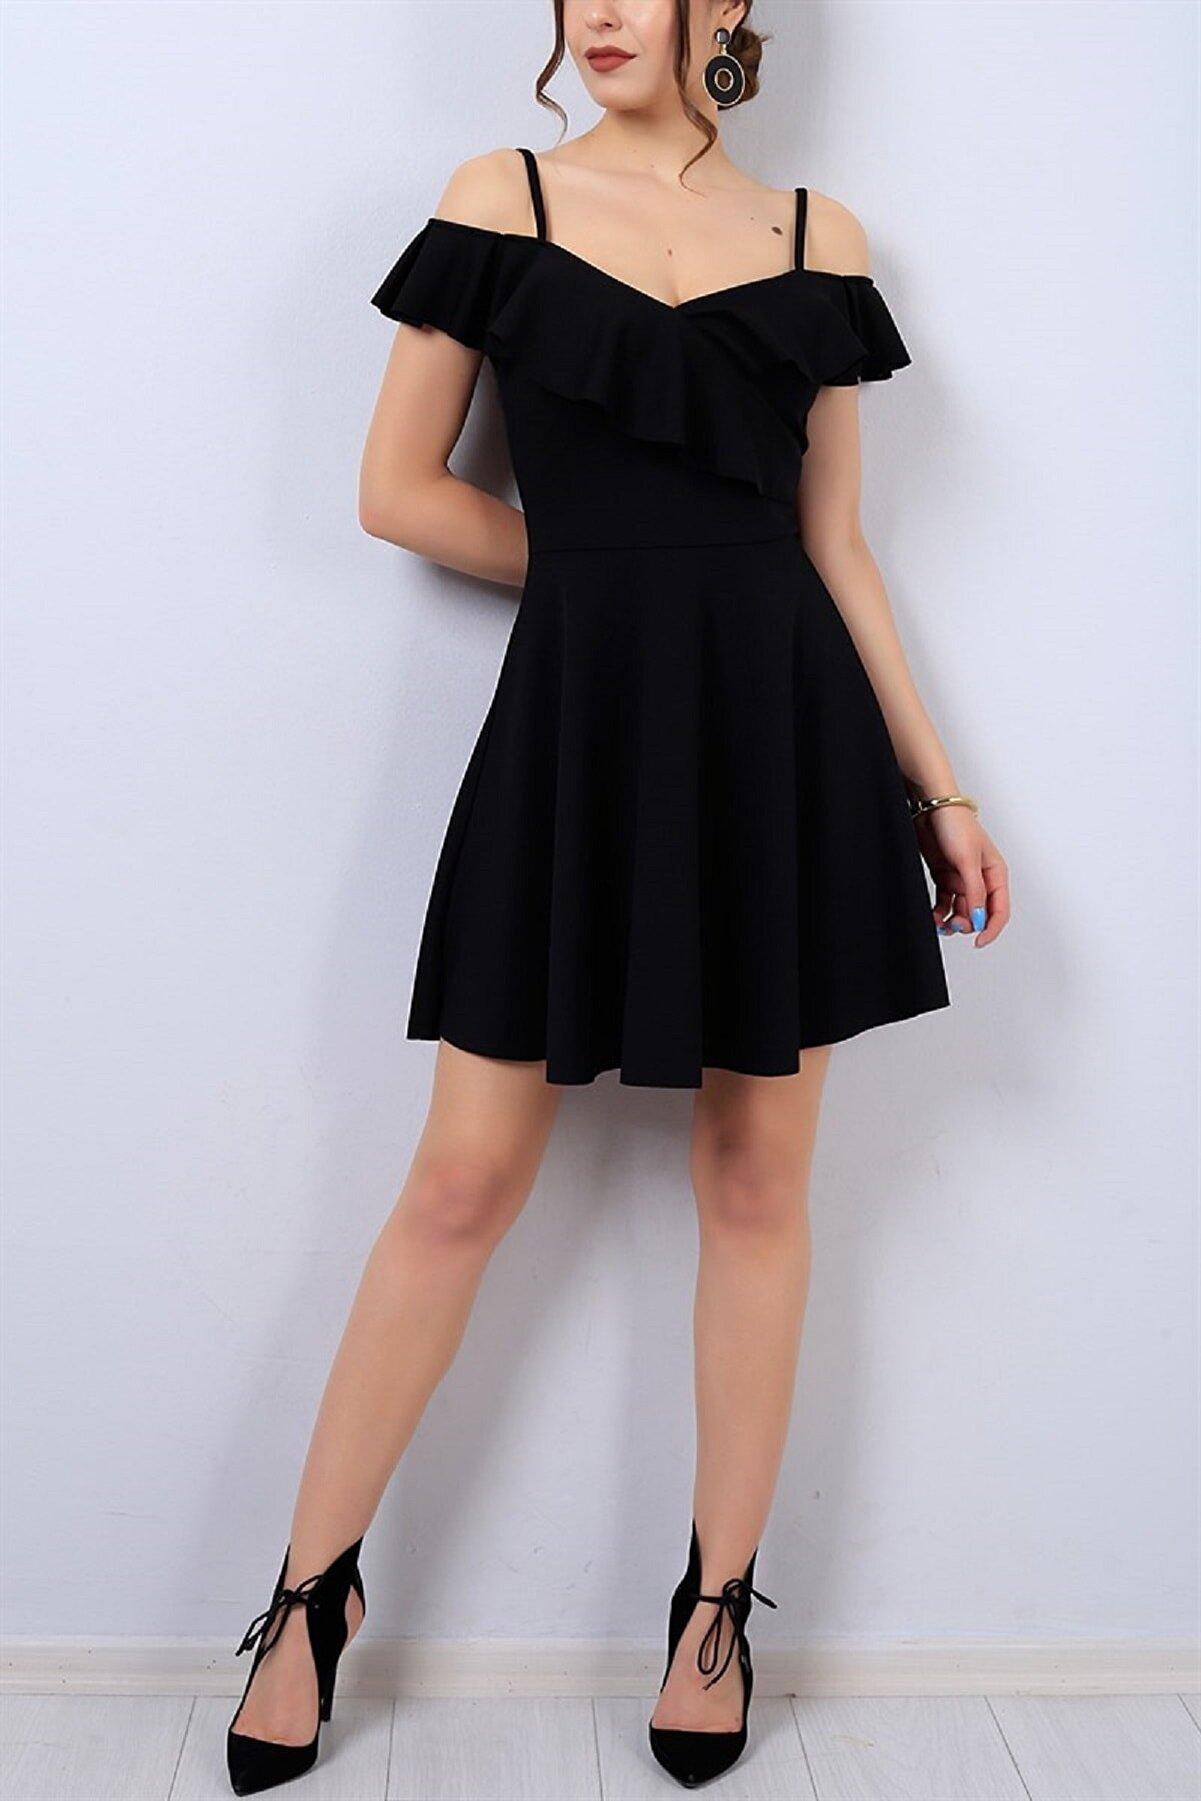 tknfashion Esnek Krep Kumaş Yakası Volan Detaylı Ince Askılı Kiloş Siyah Abiye Elbise Gece Elbisesi